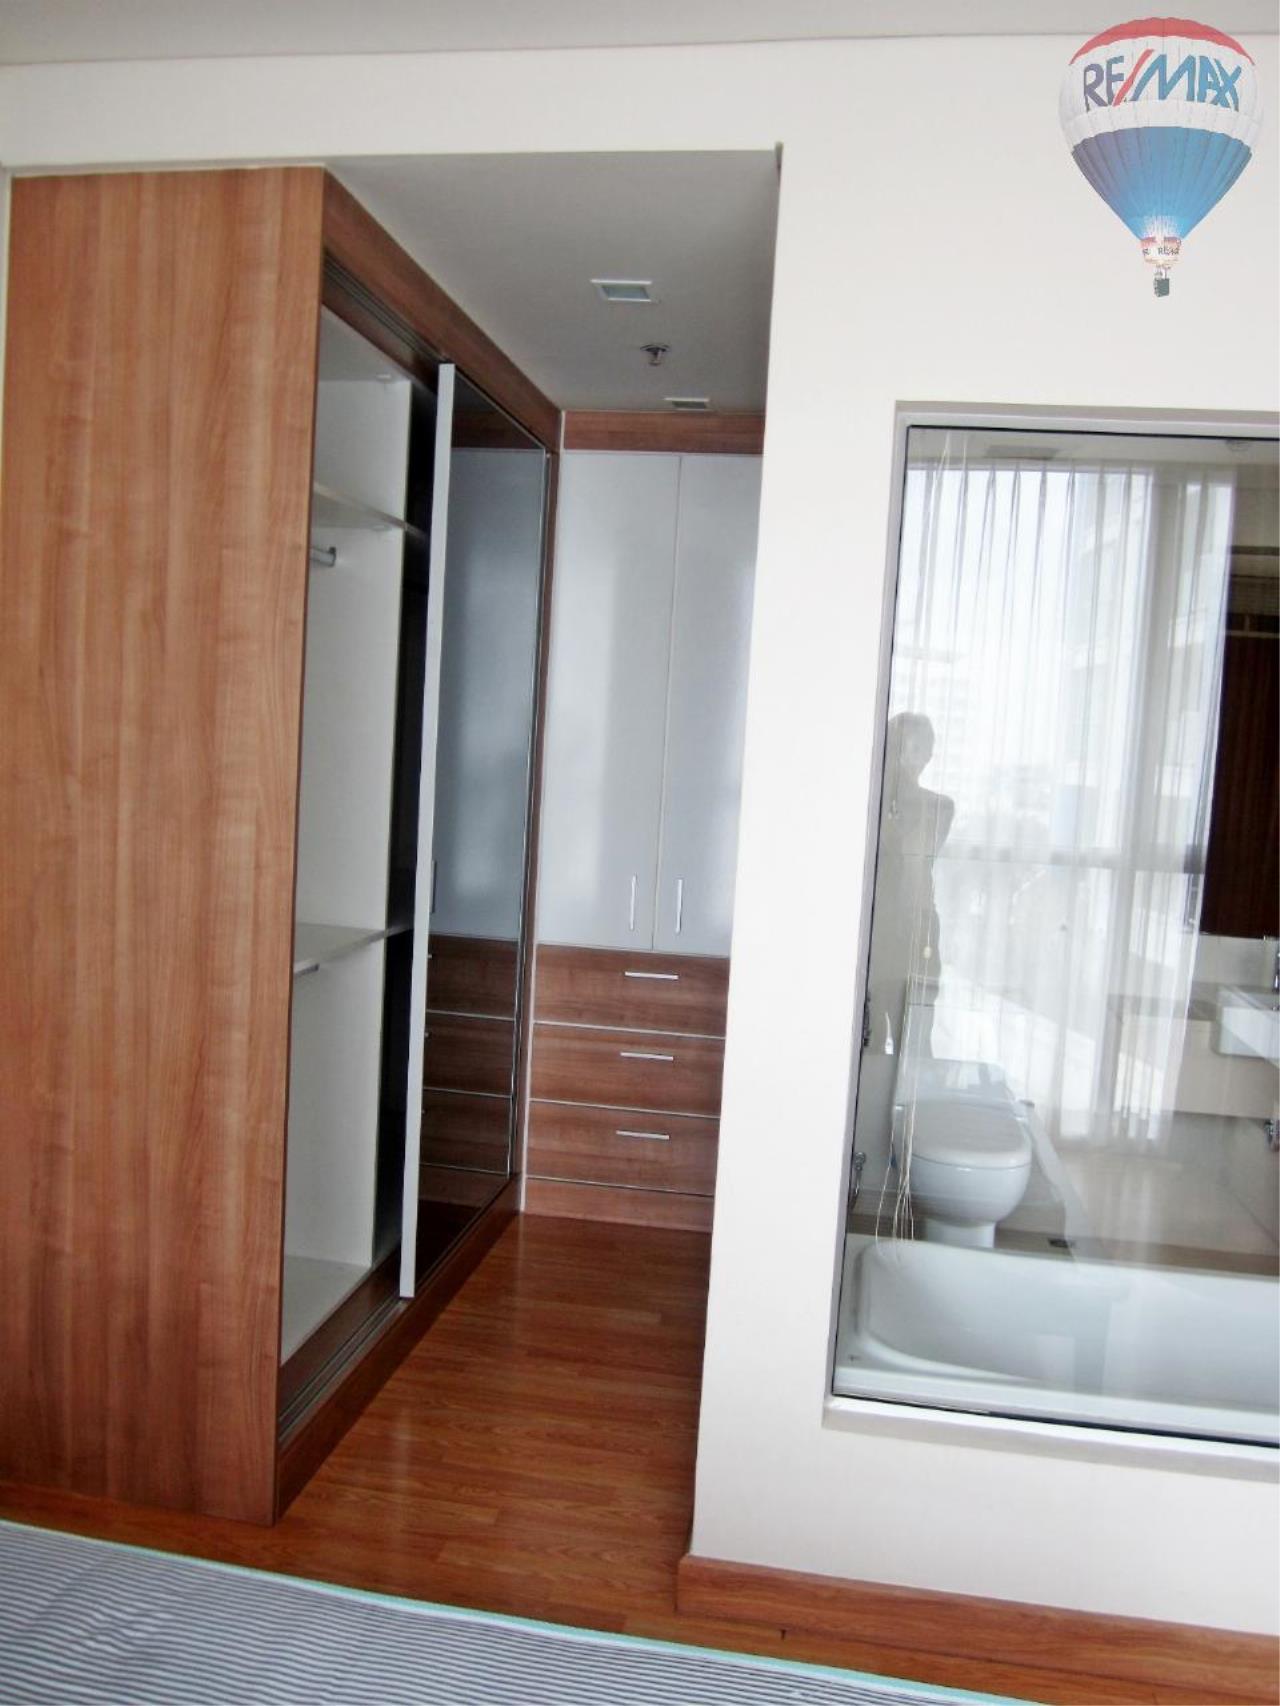 RE/MAX Properties Agency's Condominium for rent 1 bedroom 52 Sq.m. at Le Luk condominium  2